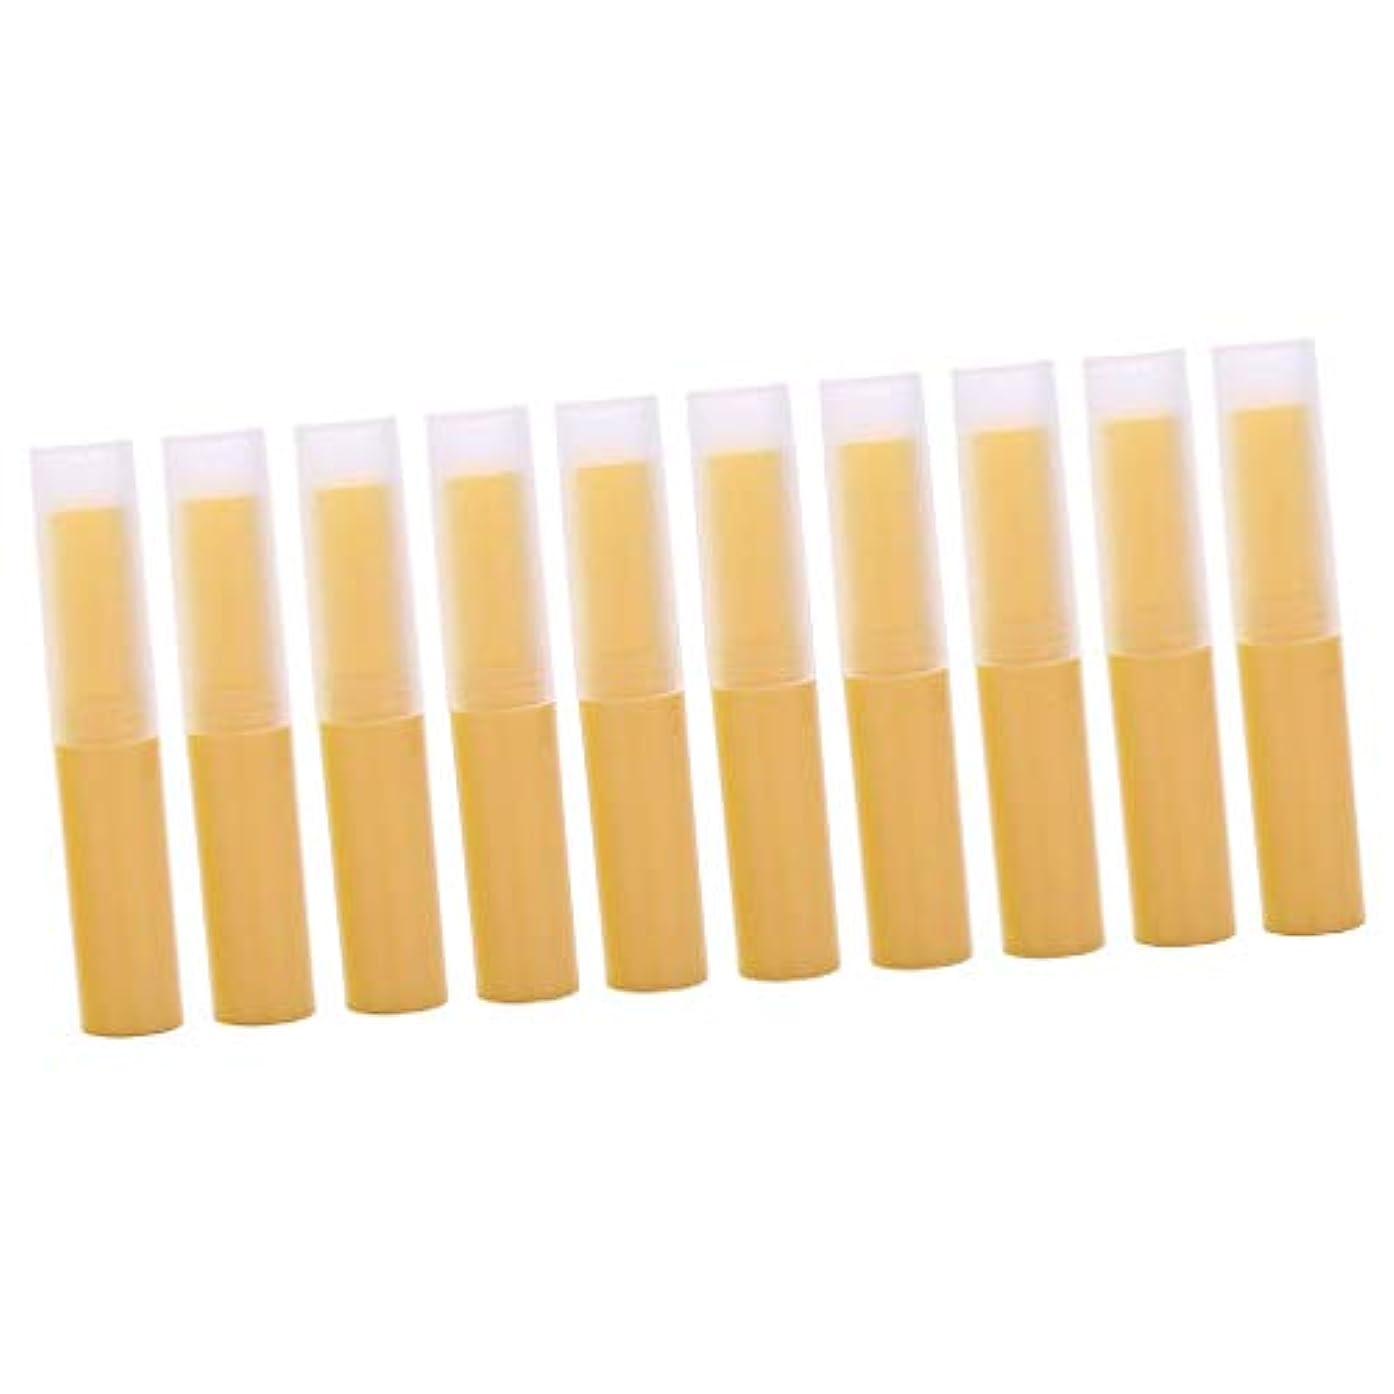 不透明な放牧するまばたきToygogo リップスティック リップクリーム容器 DIY 化粧道具 詰替え容器 10個 全7色 - イエロー